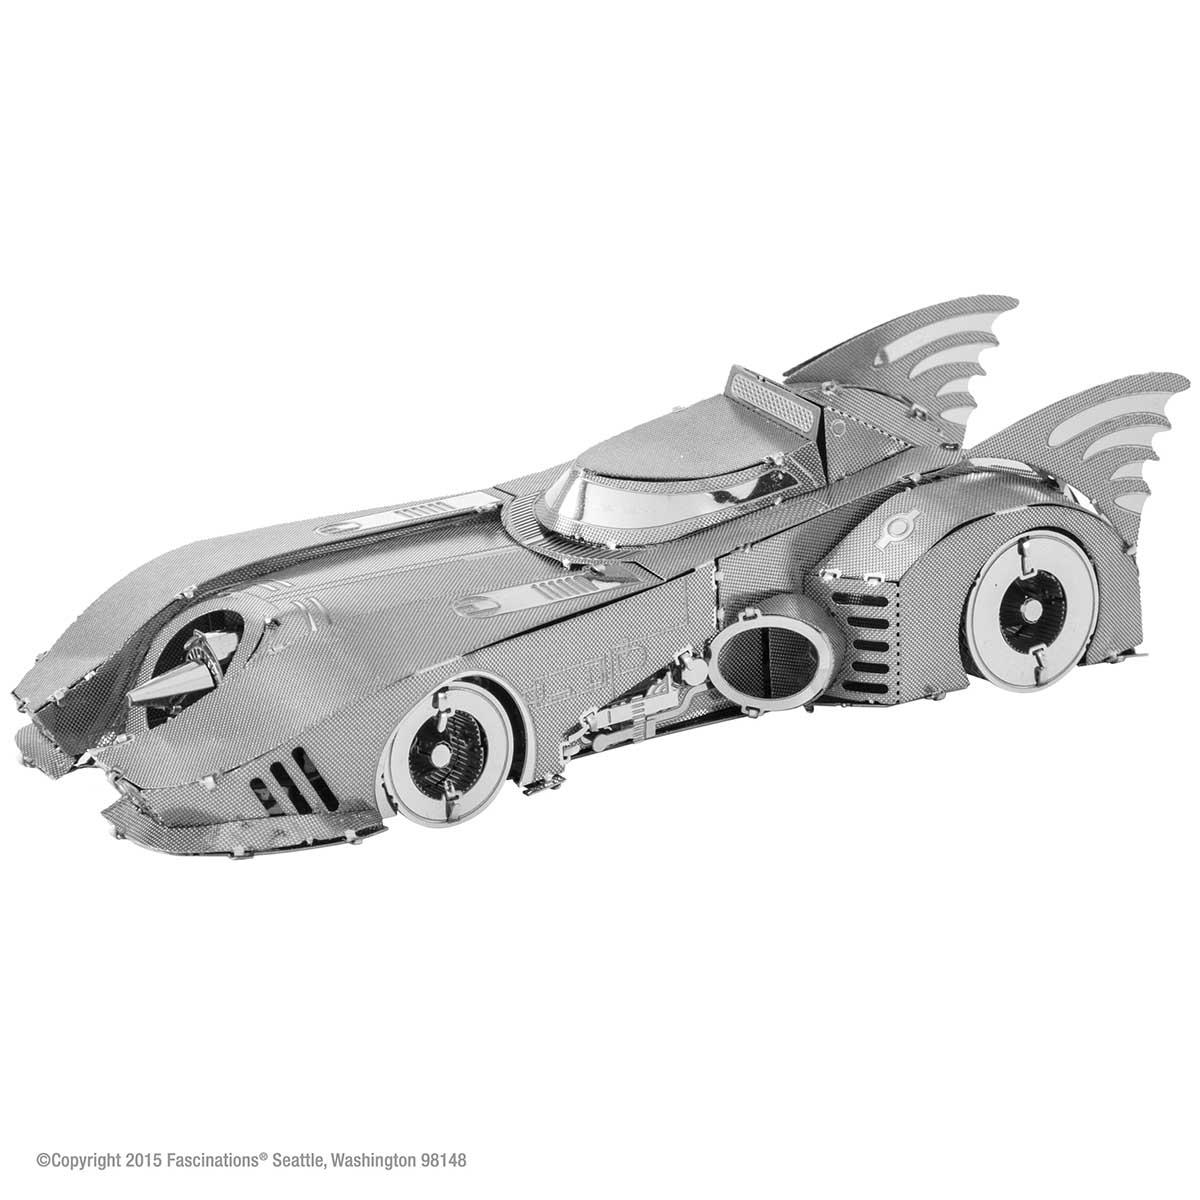 1989 Batmobile Vehicles 3D Puzzle